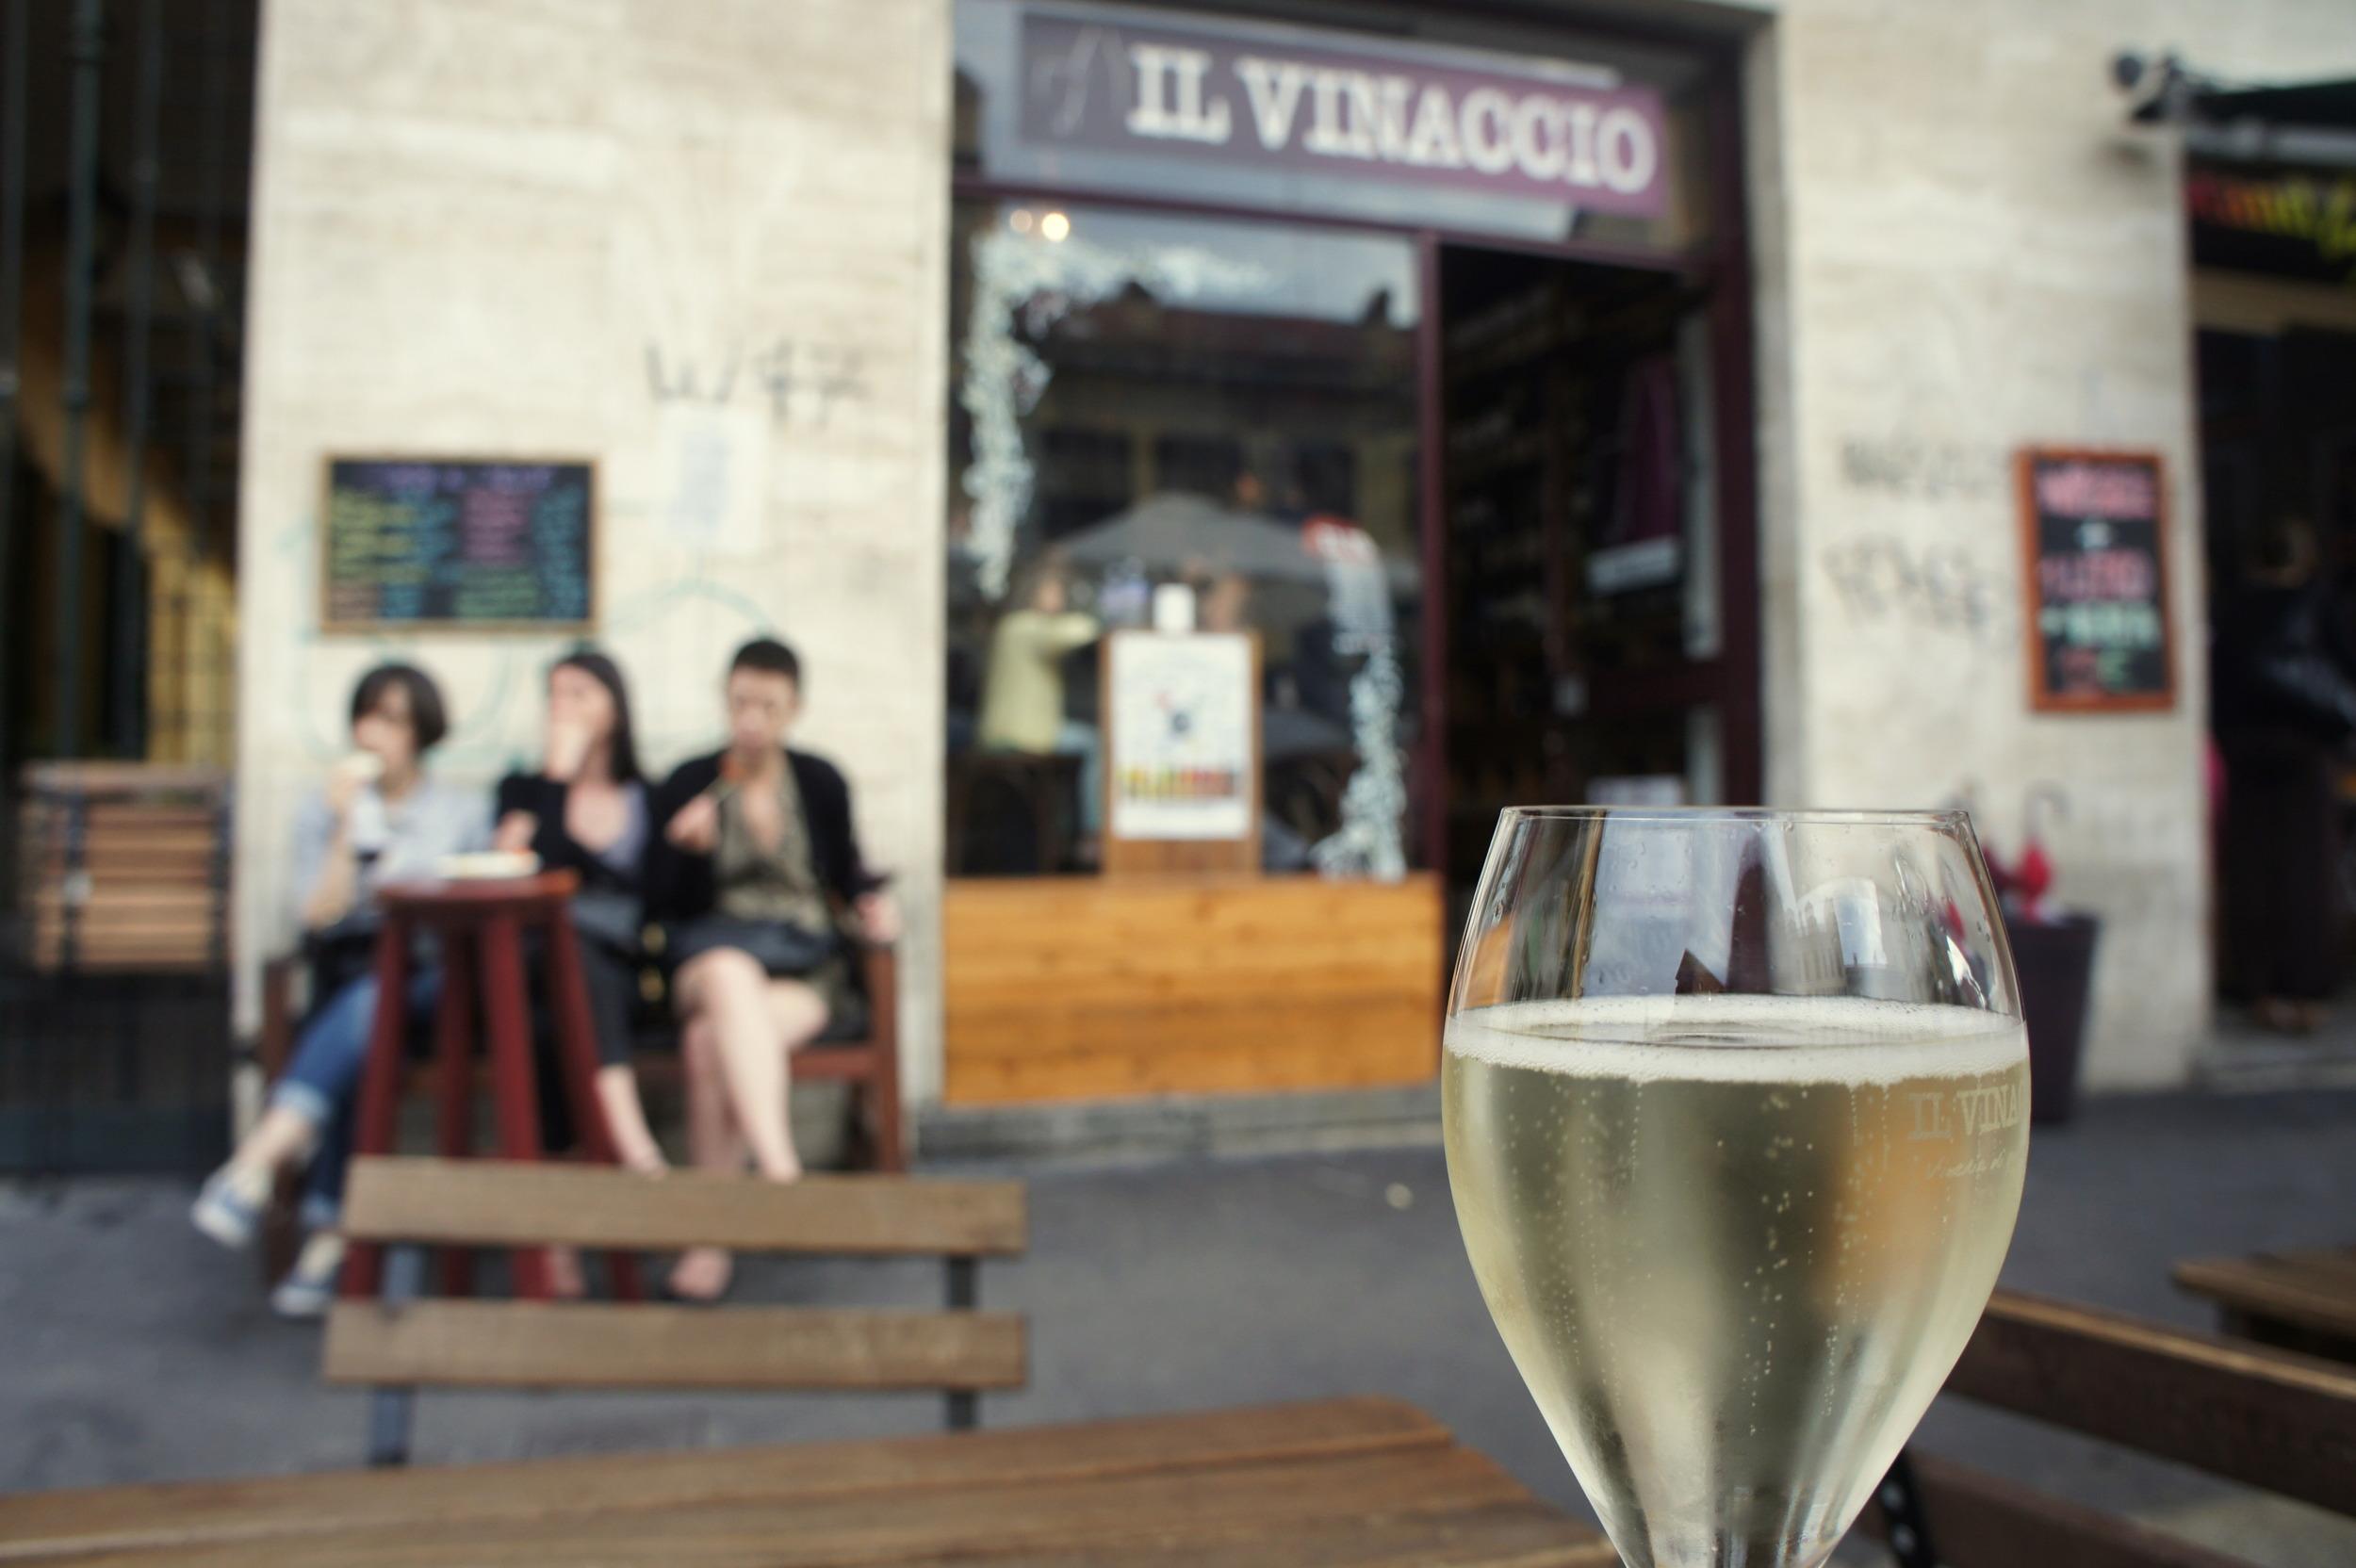 Il Vinaccio, Navigli